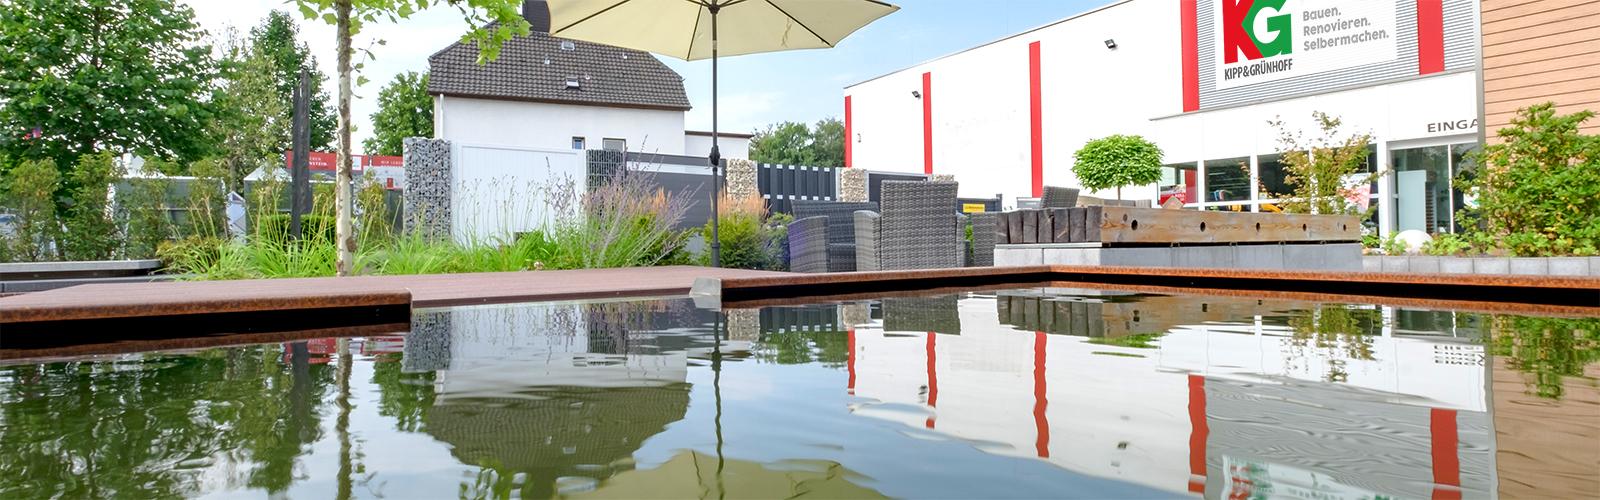 Kipp Grunhoff In Leverkusen Kuppersteg Ihr Baustoffhandel